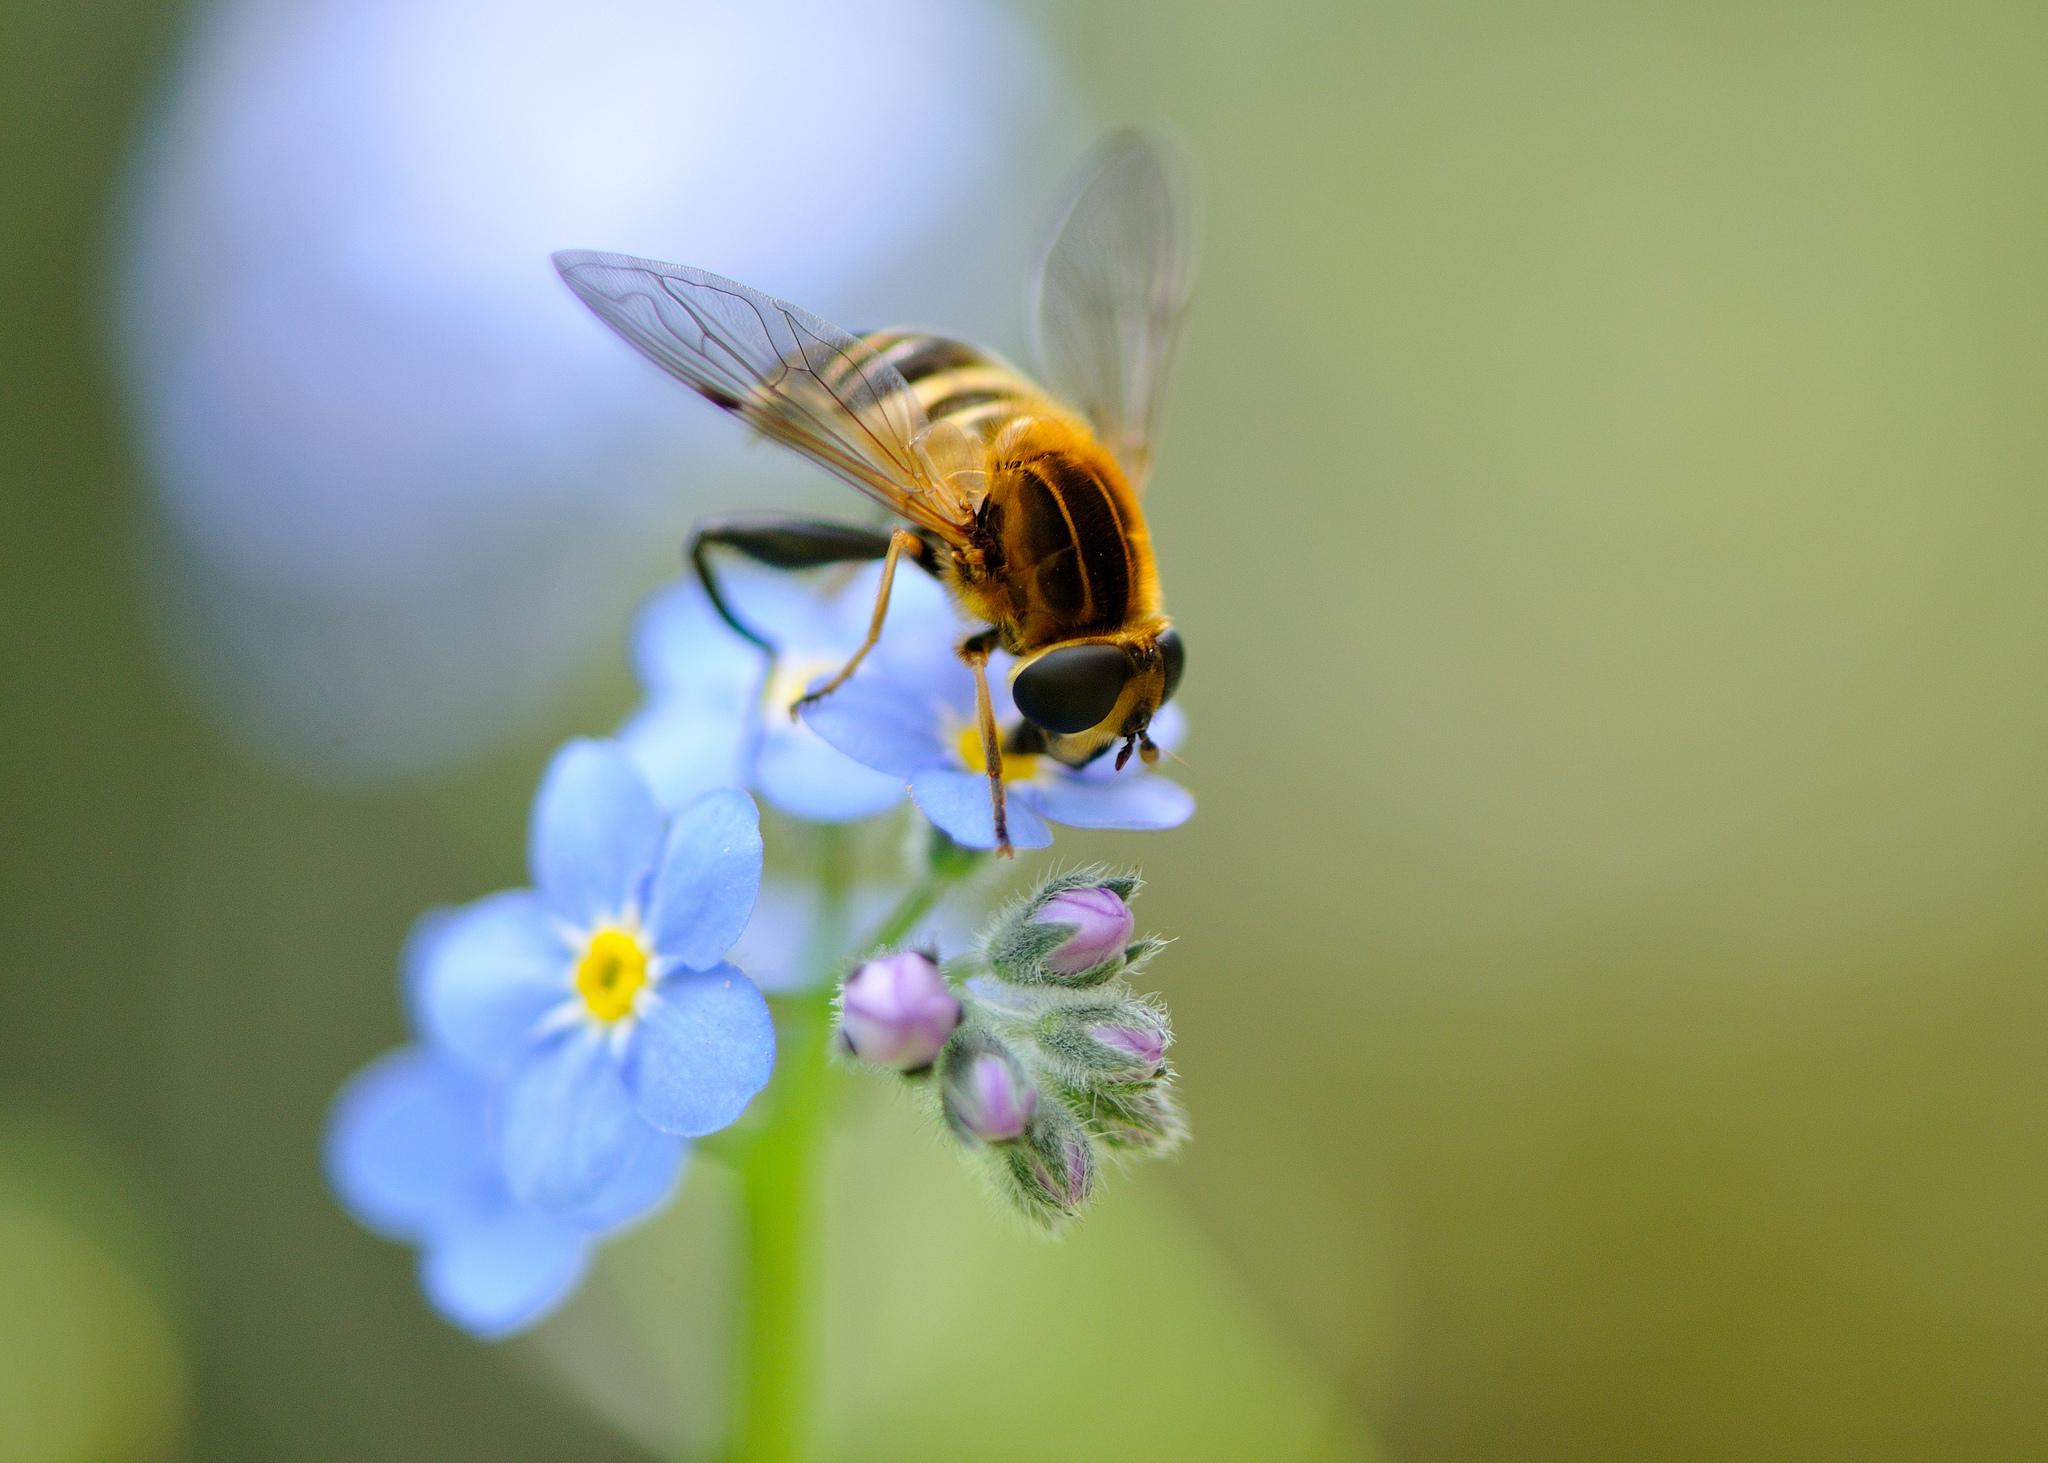 макро одуванчик животное насекомое пчела цветы природа  № 3007367 без смс